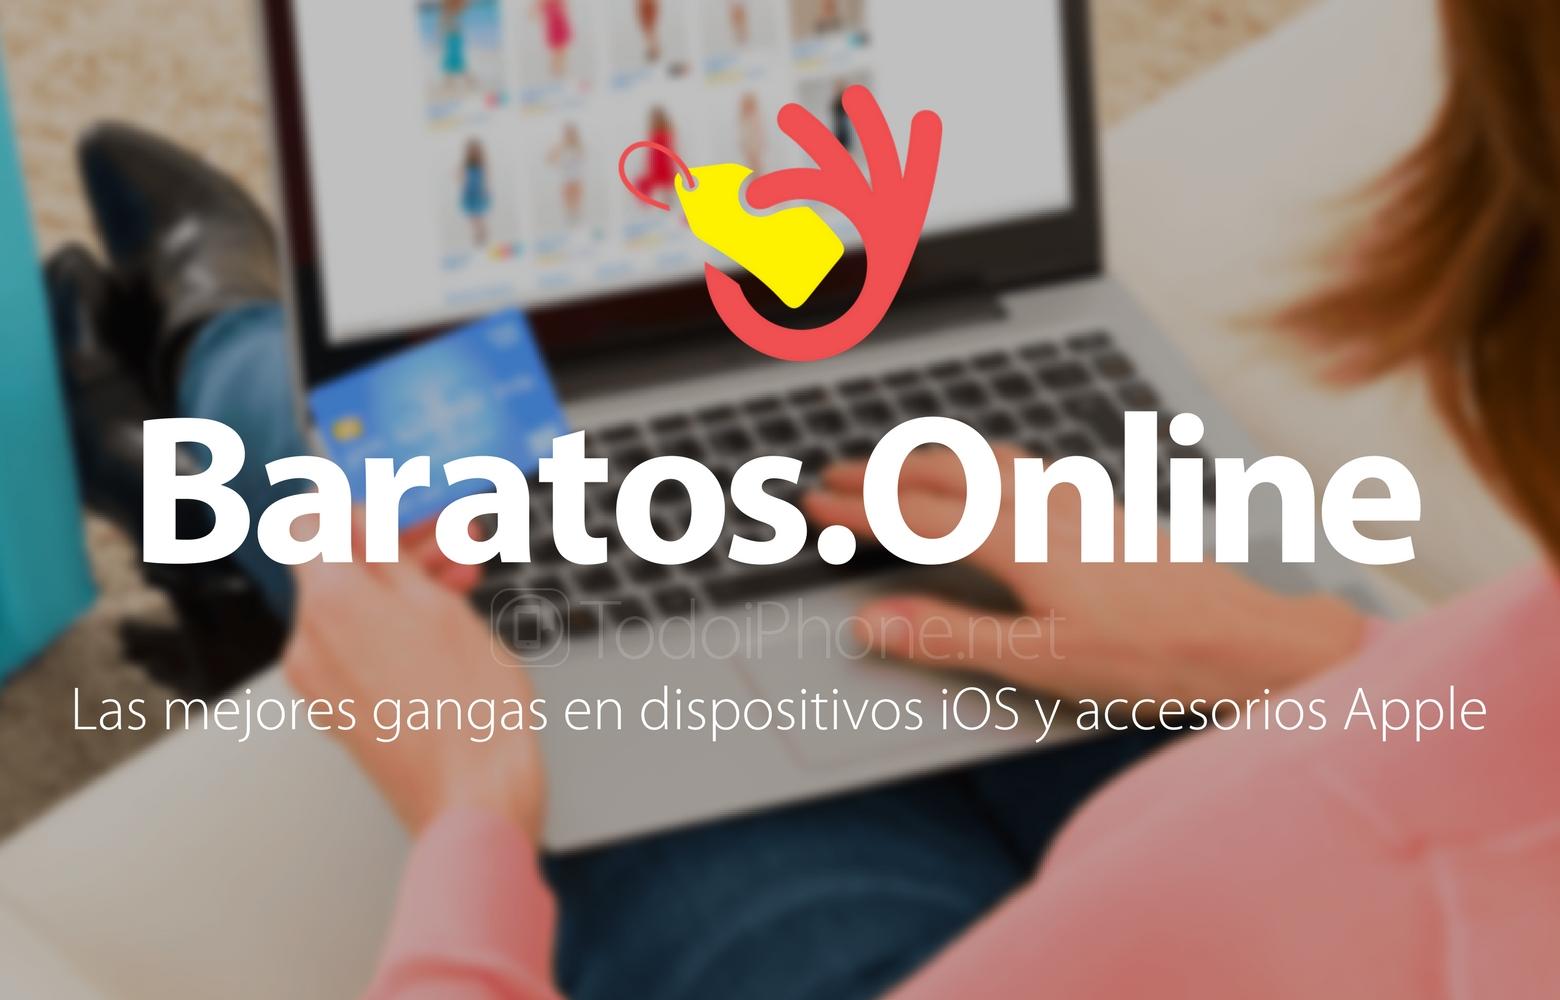 Baratos.Online las mejores gangas en dispositivos iOS y accesorios Apple